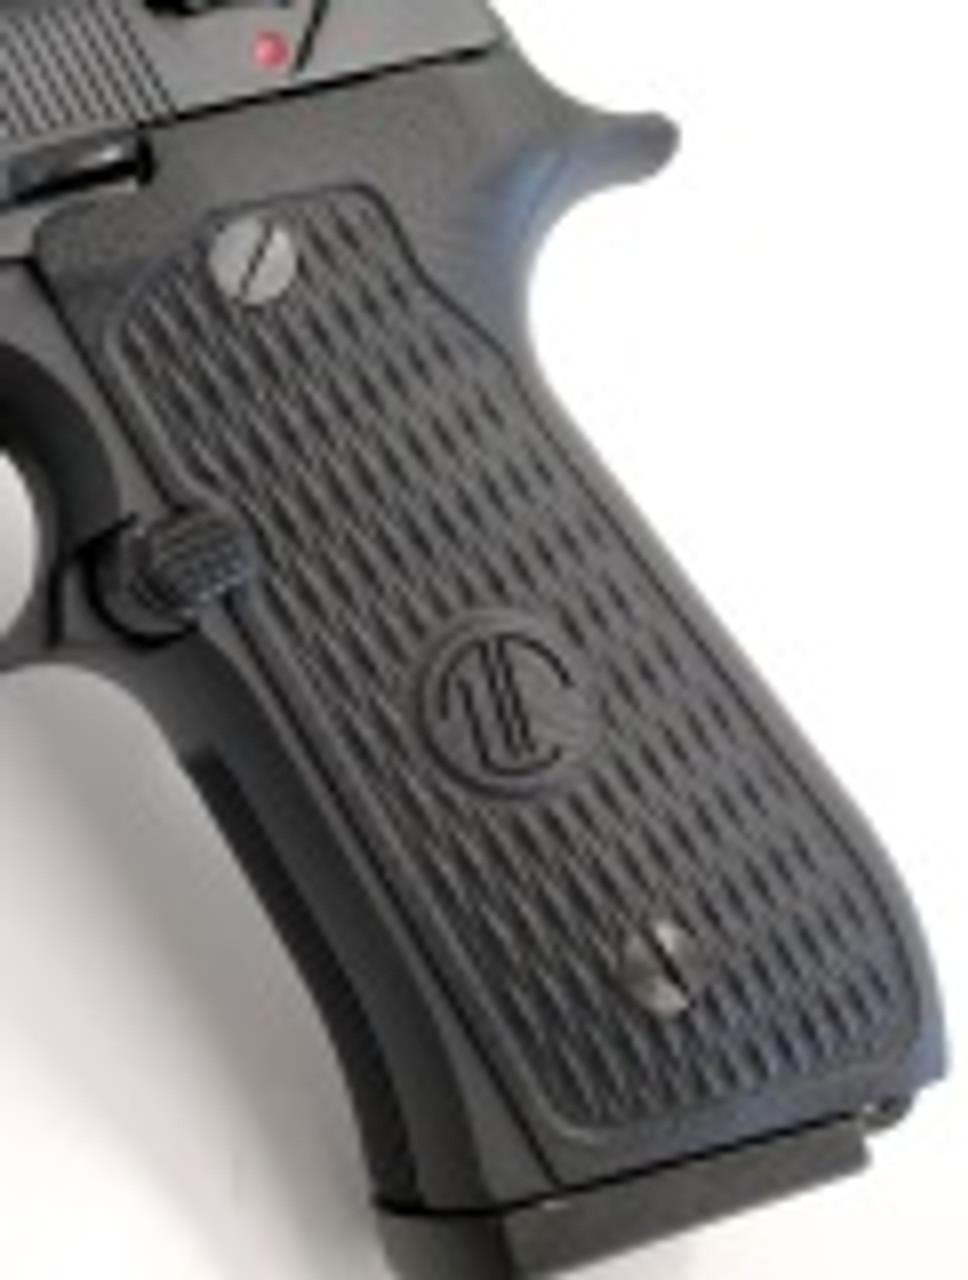 Vz G10 Ultra Thin Ltt Grips Langdon Tactical